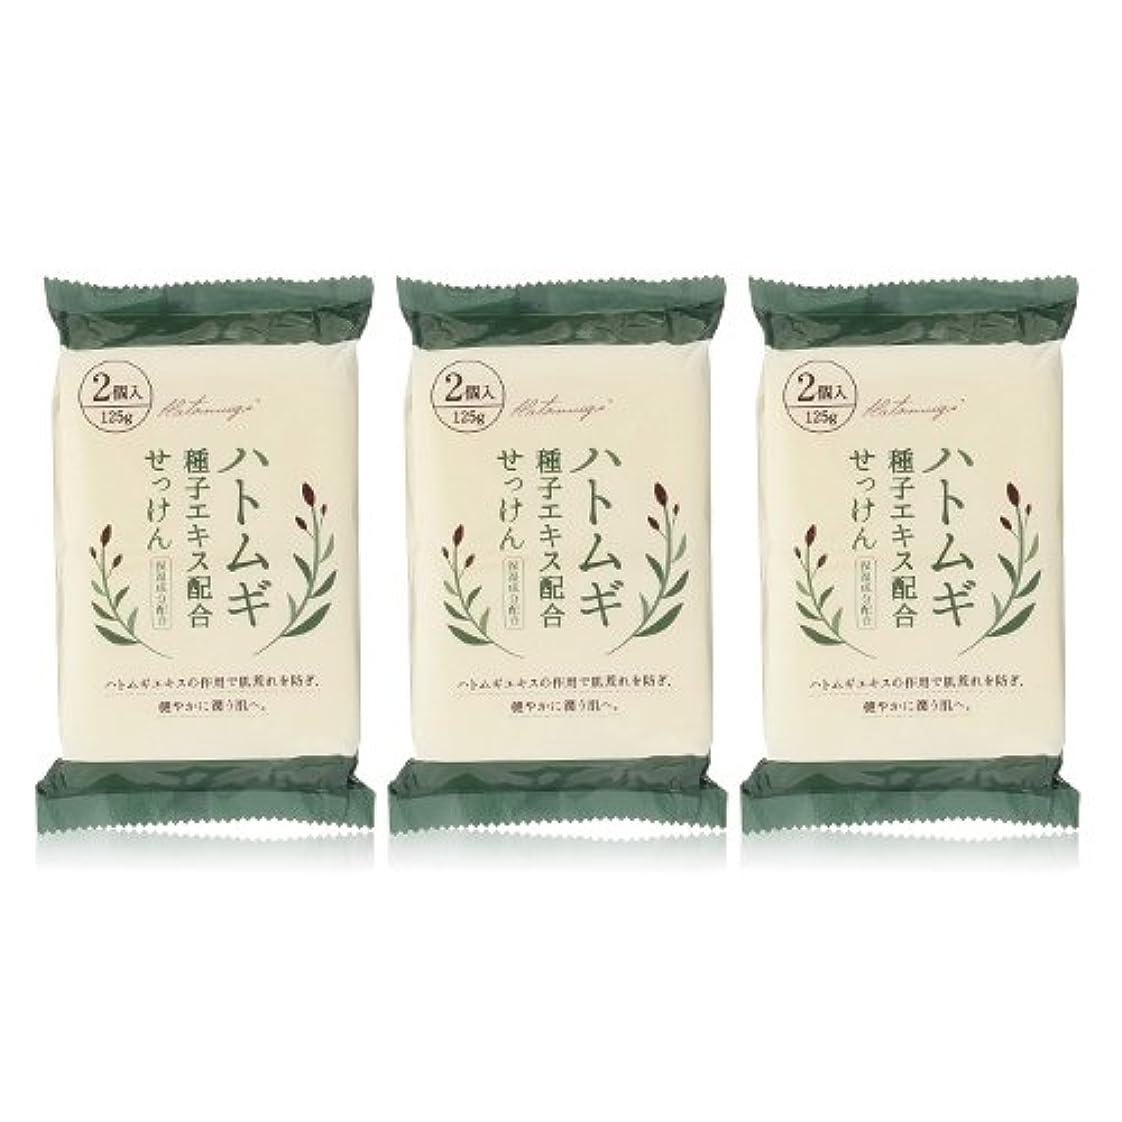 ドナウ川提案する食料品店ハトムギ種子エキス配合石けん 125g(2コ入)×3個セット(計6個)